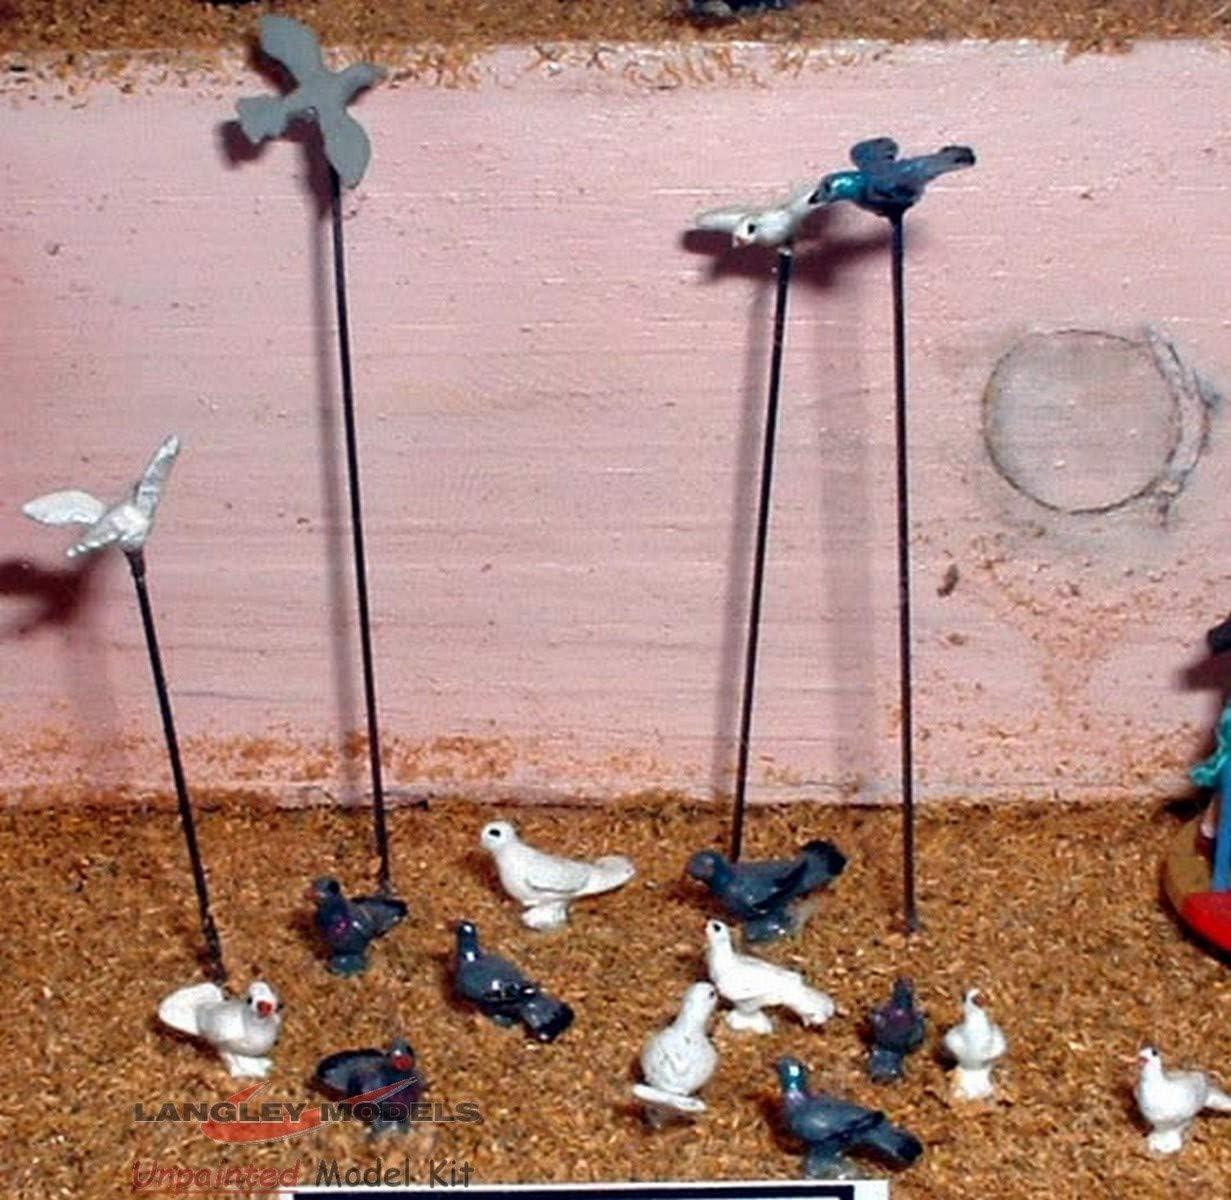 10 Doves pigeons OO Scale 1:76 UNPAINTED Metal Model Kit F148 Langley Models